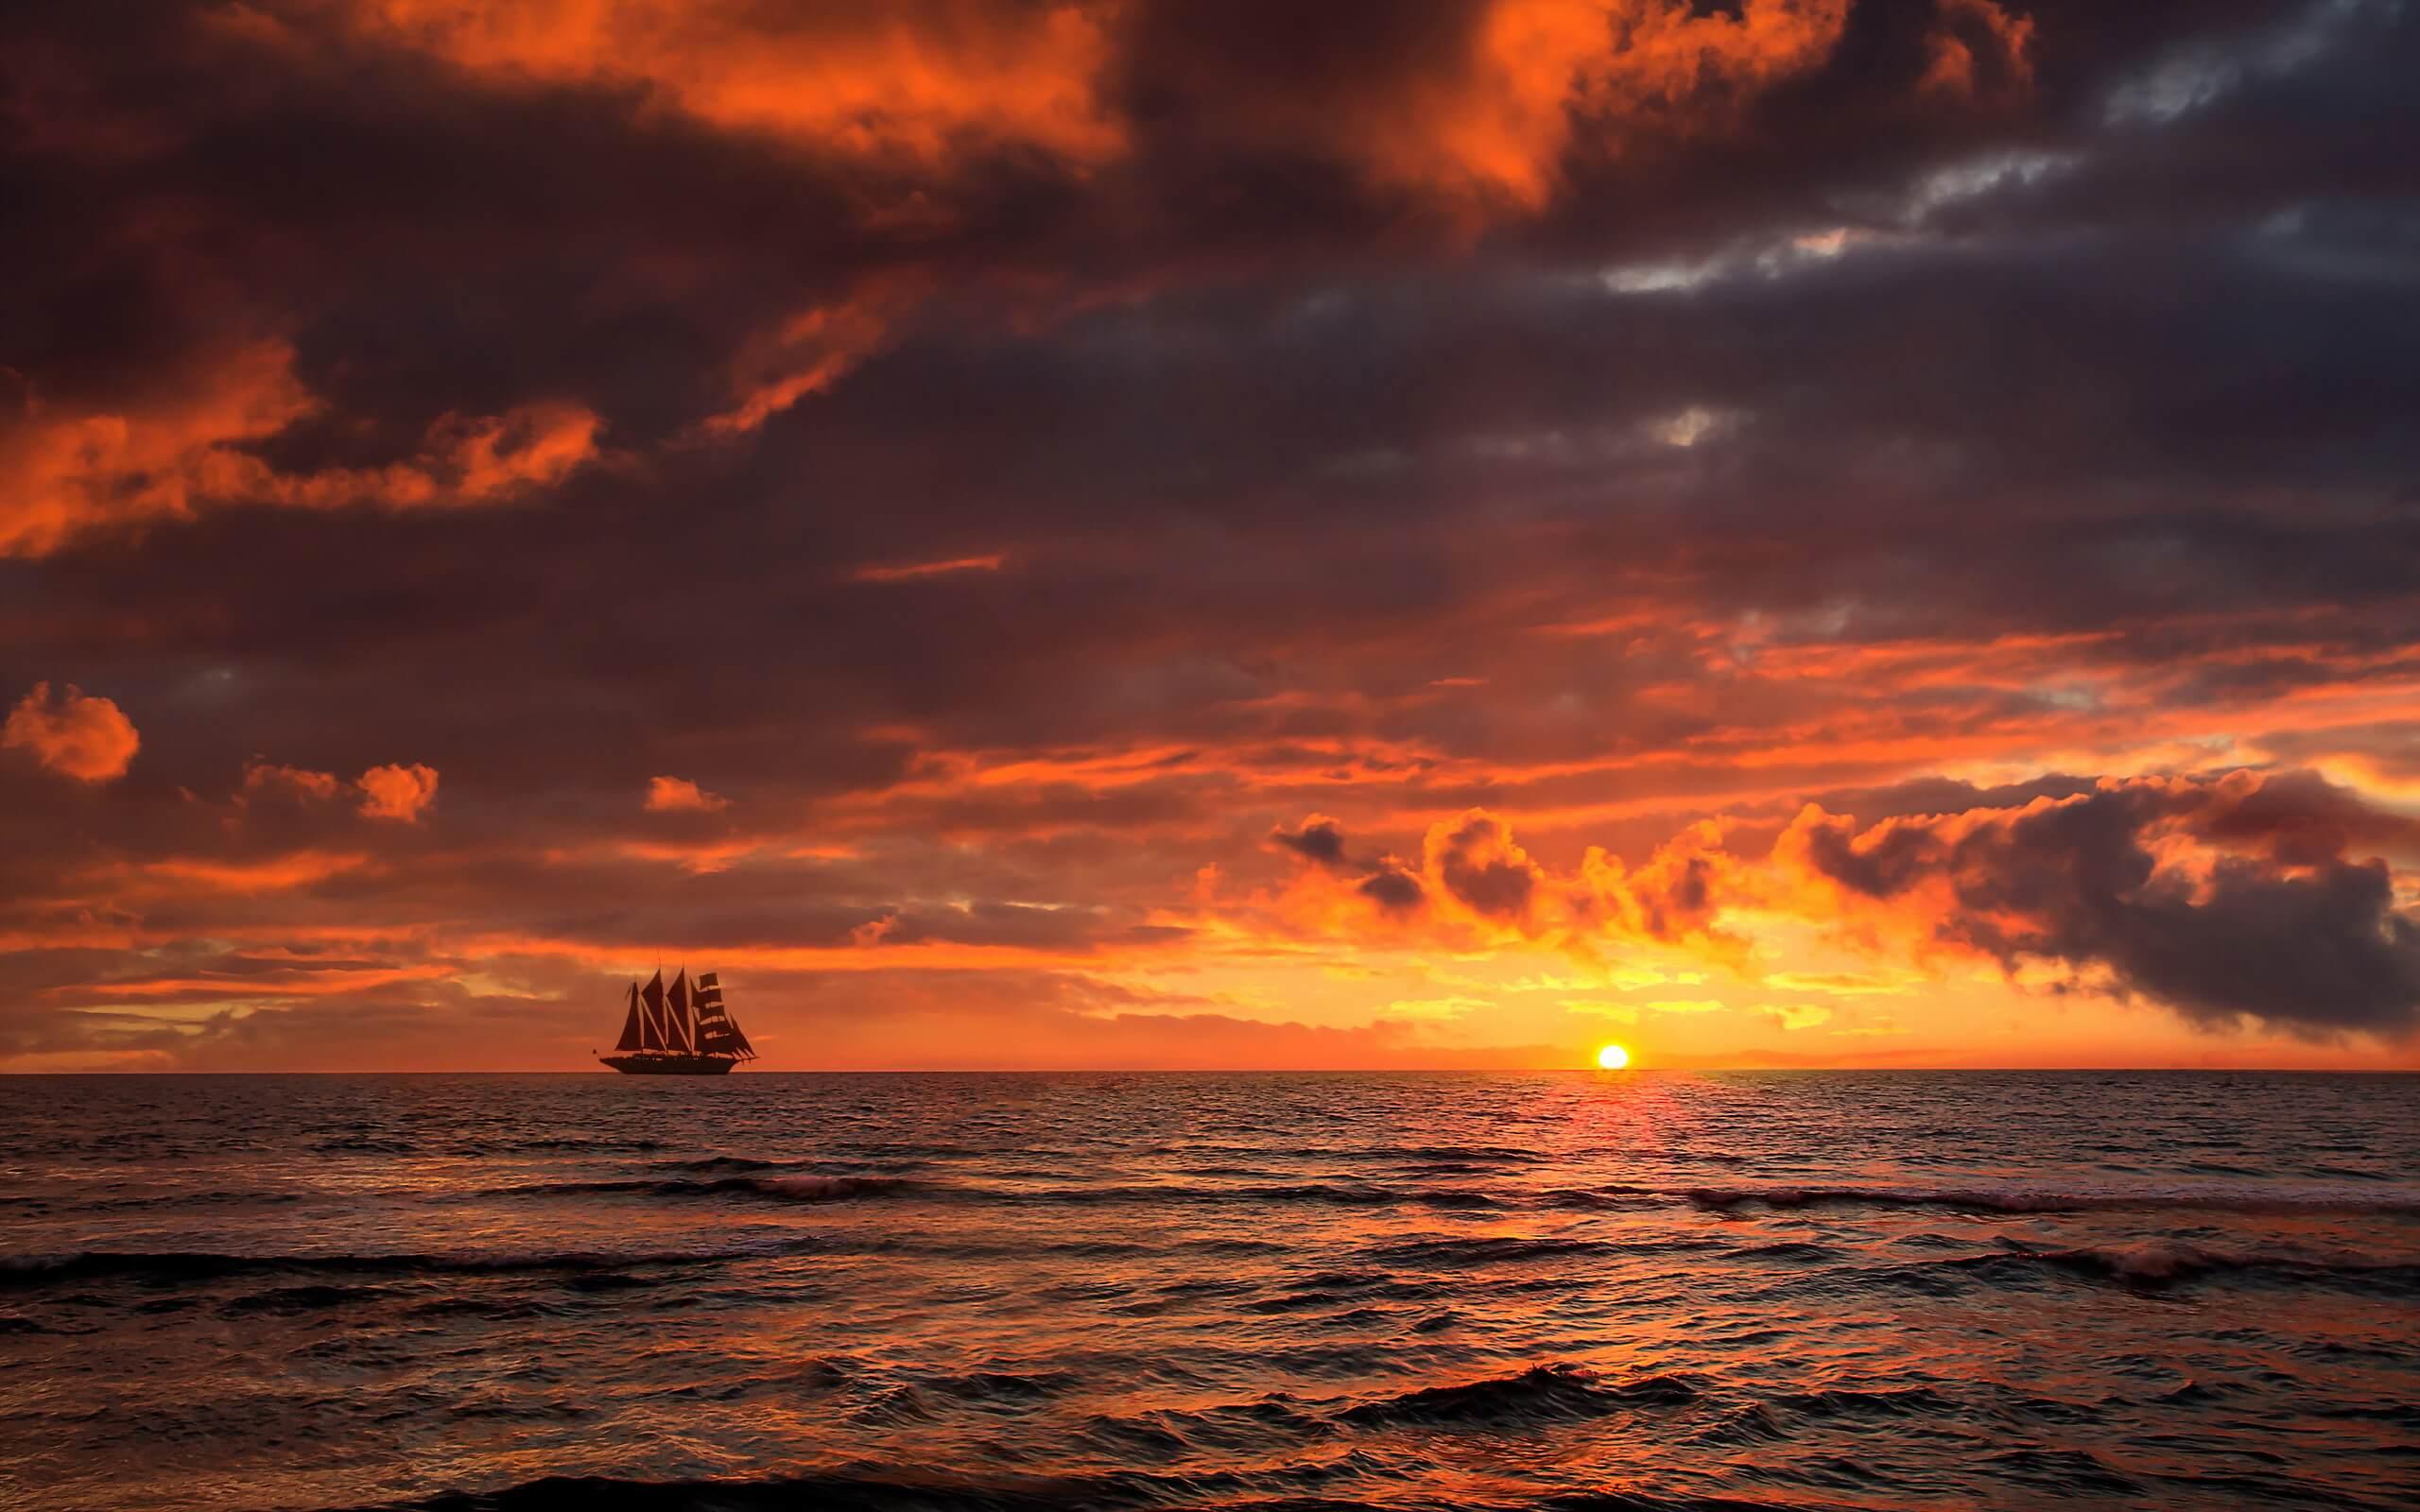 закат в море и корабль